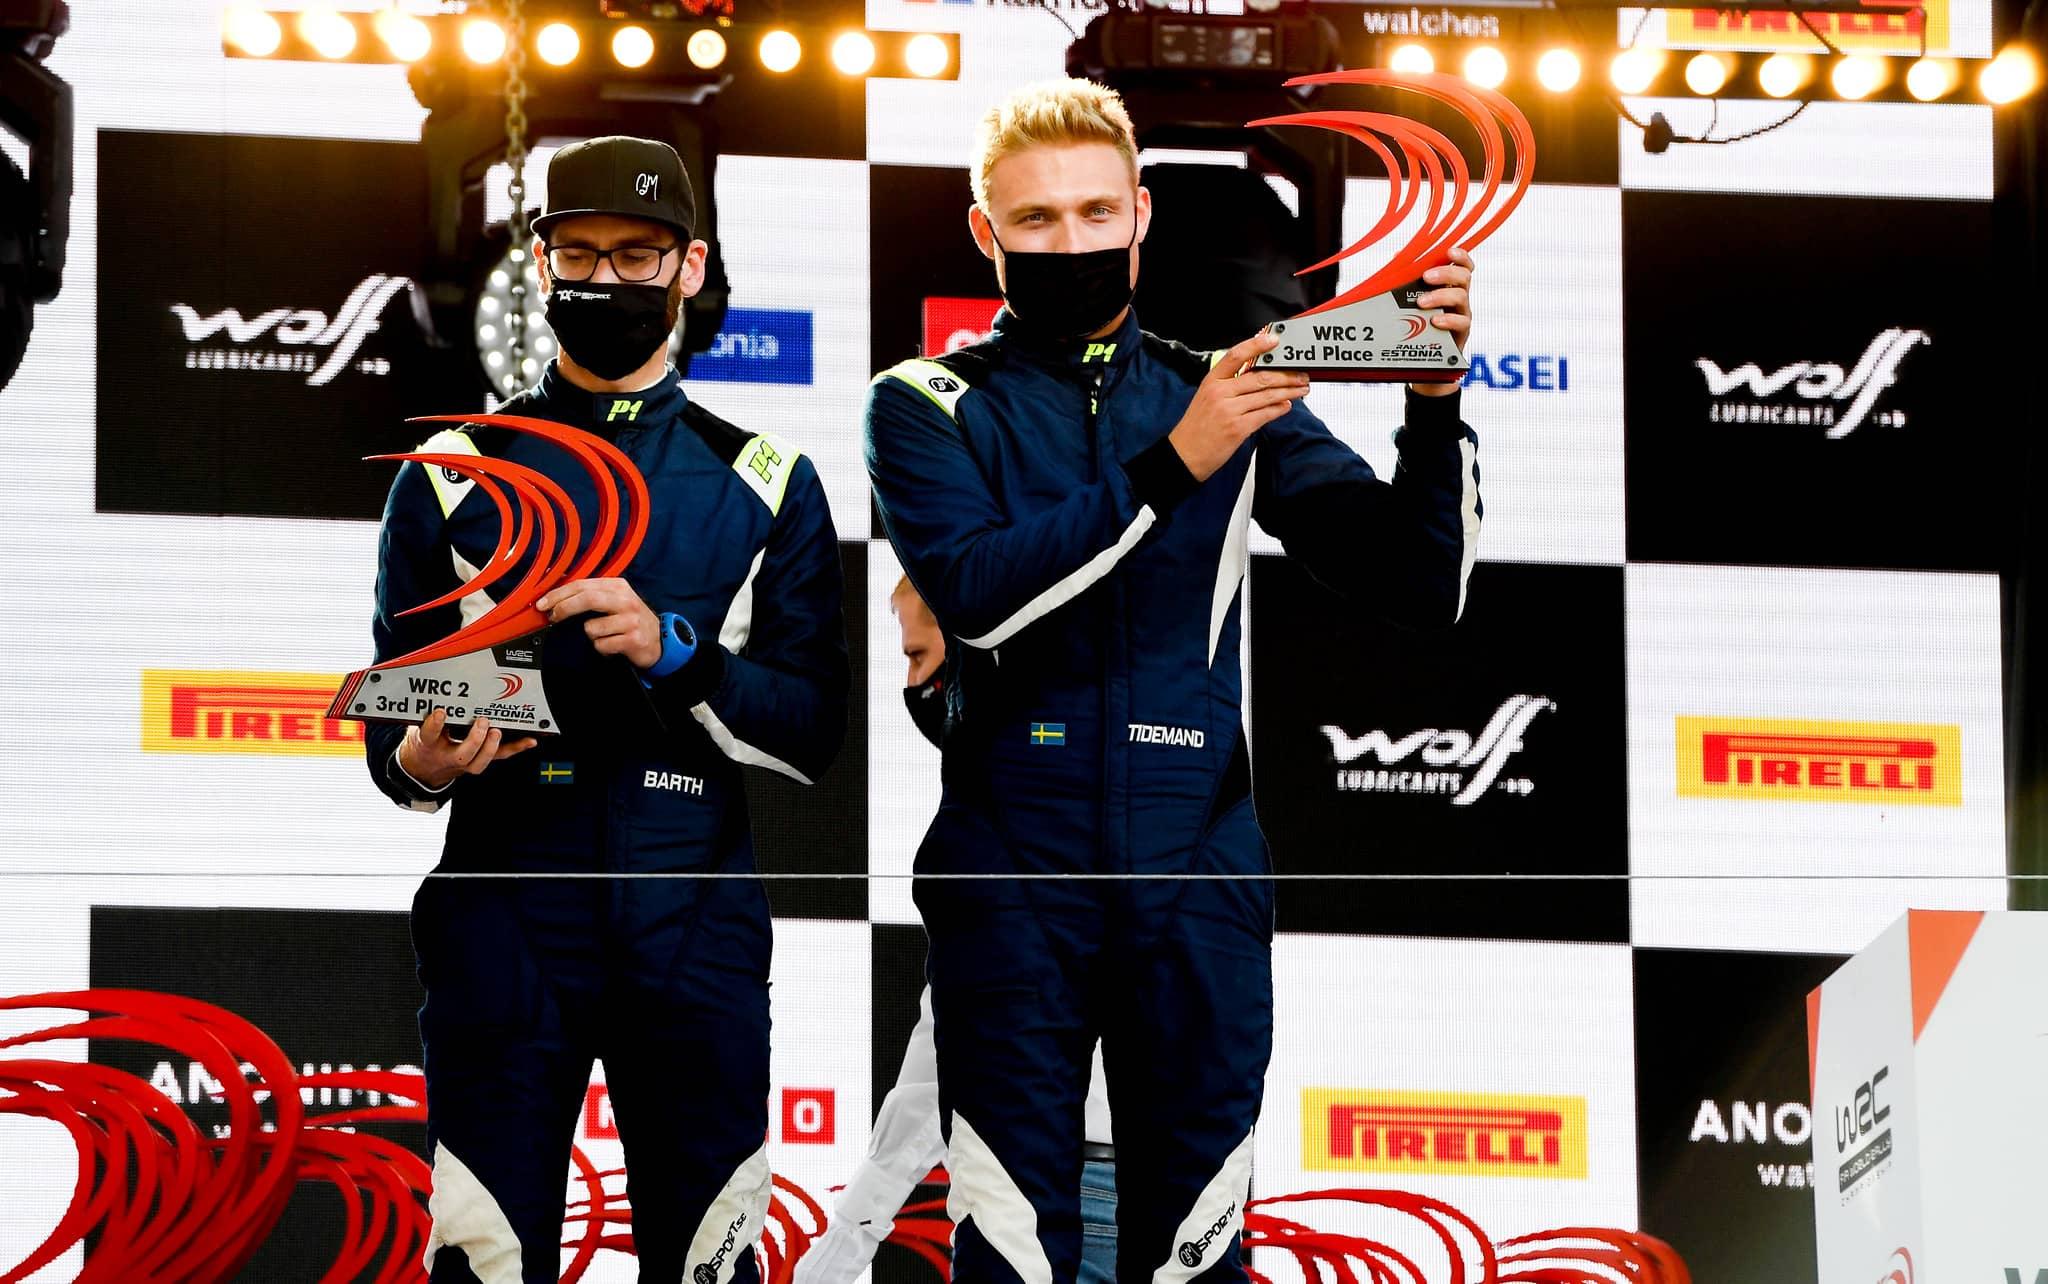 Podium finish in WRC Estonia